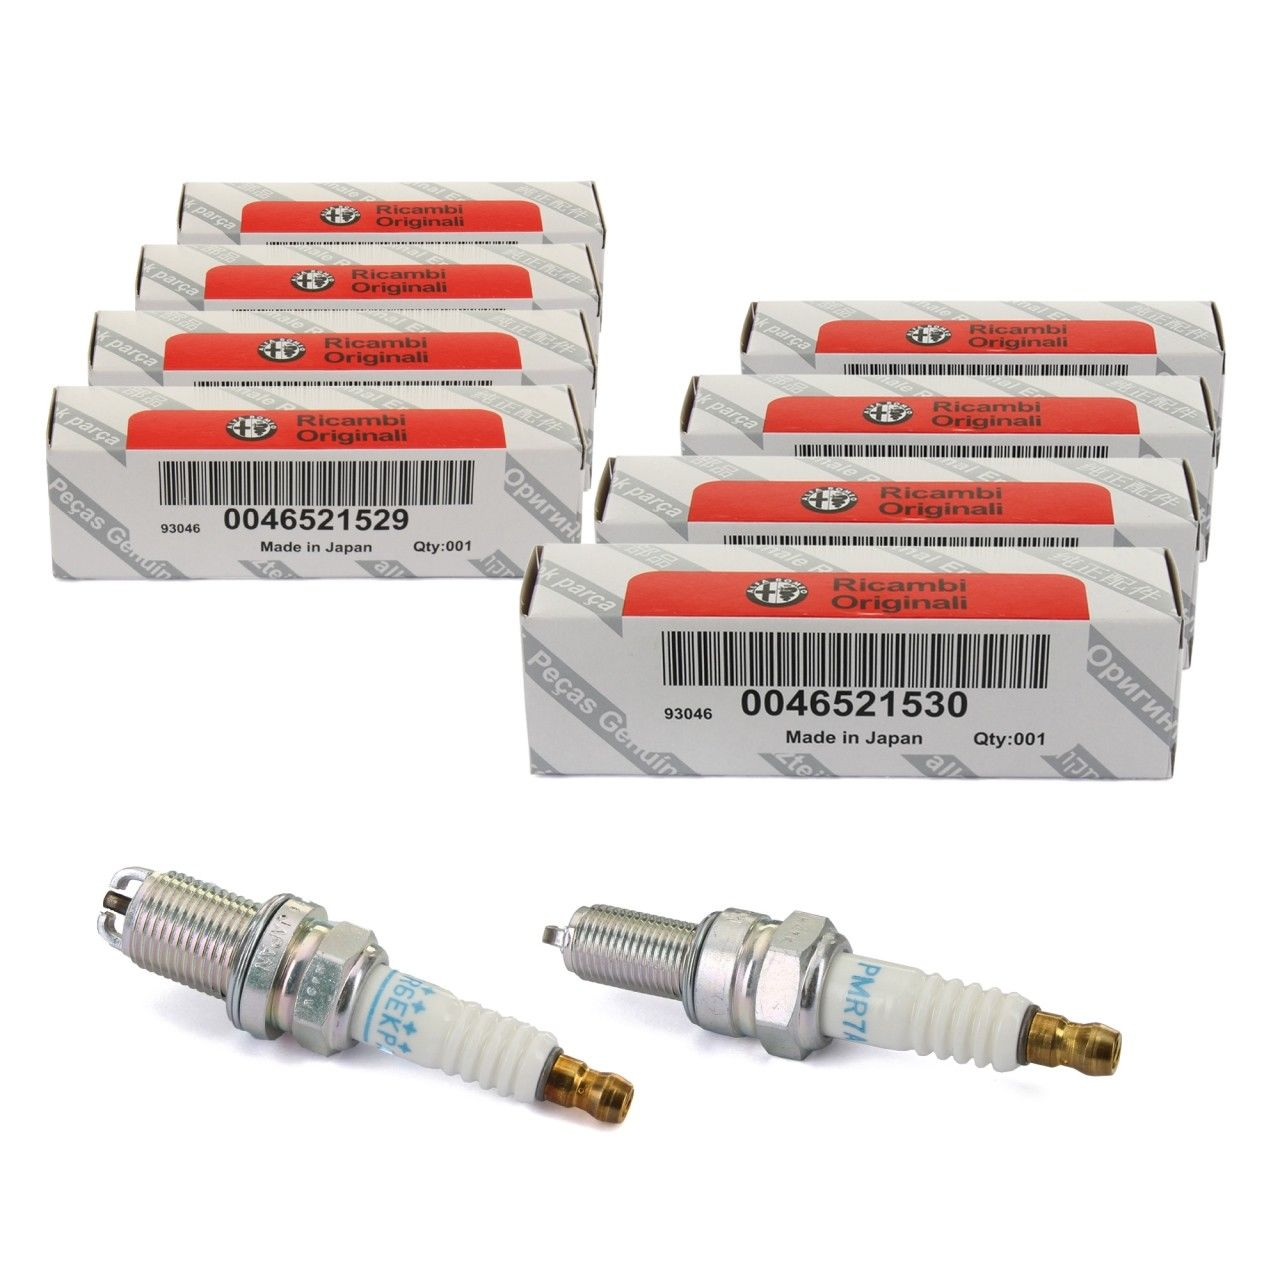 Kit 8 Candele NGK Originali ALFA ROMEO 147 1.6 1600 16V